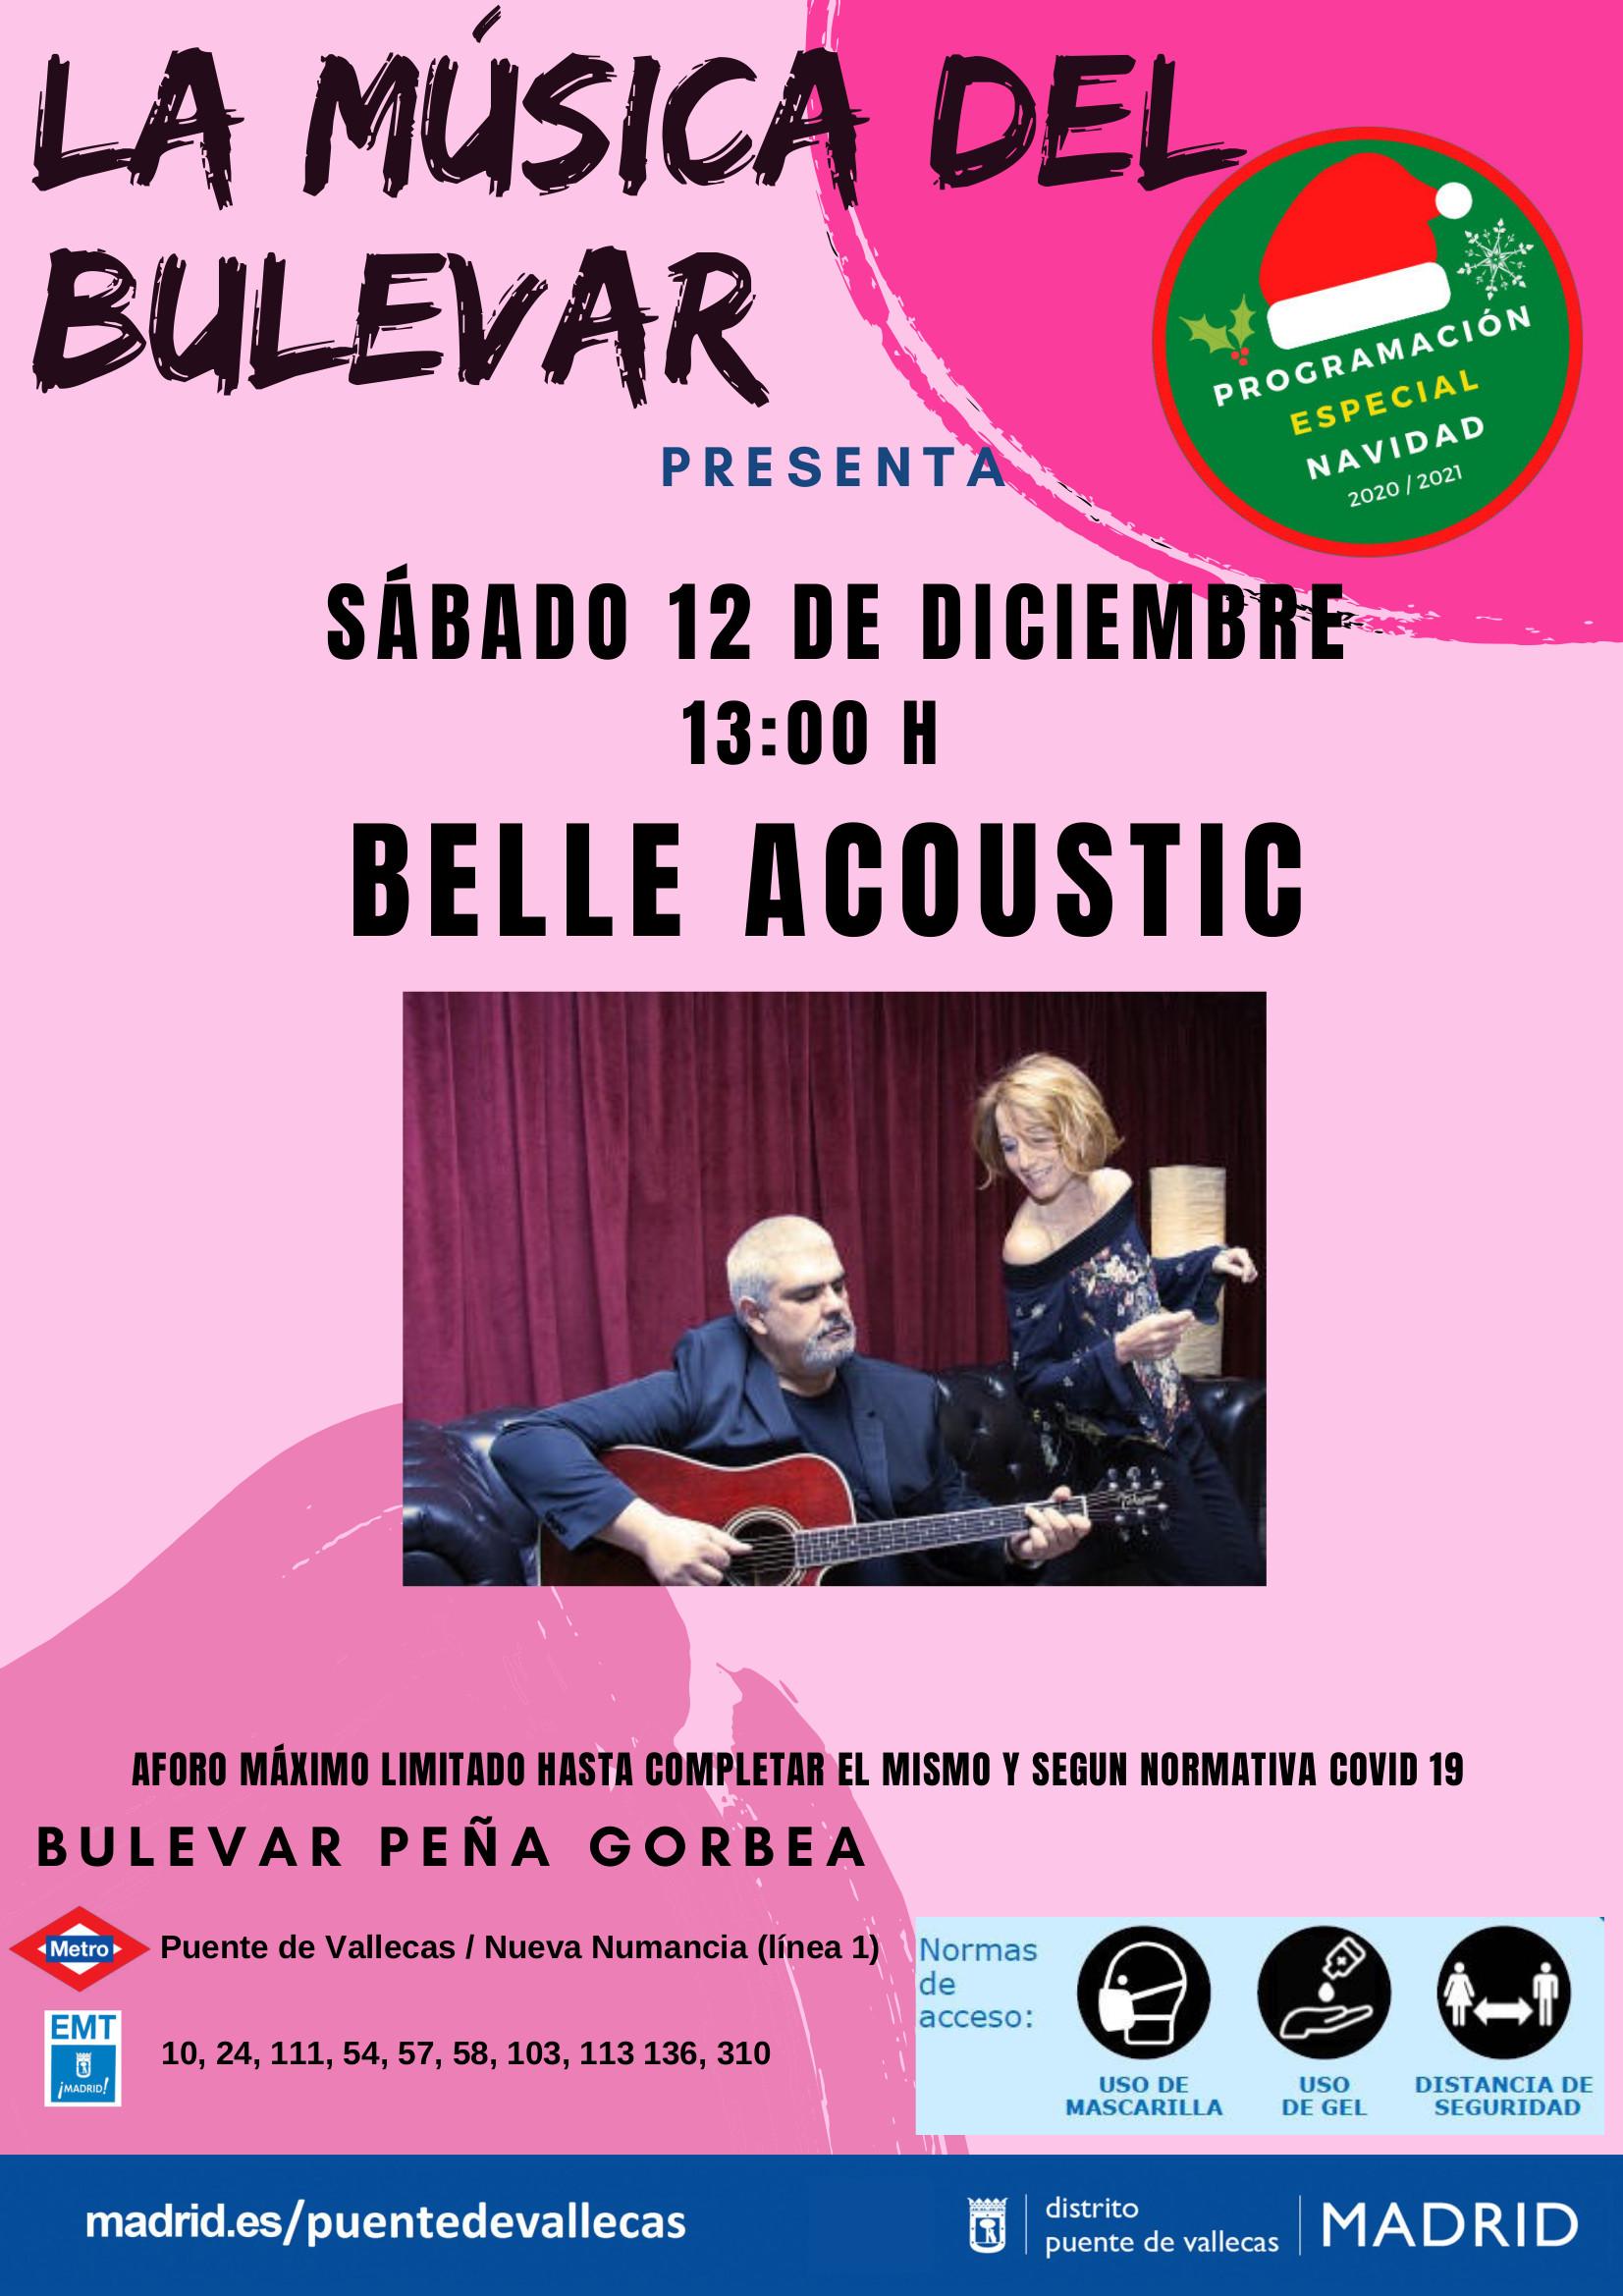 12´Diciembre - BELLE ACOUSTIC- Ciclo LA MUSICA DEL BULEVAR_Vallecas